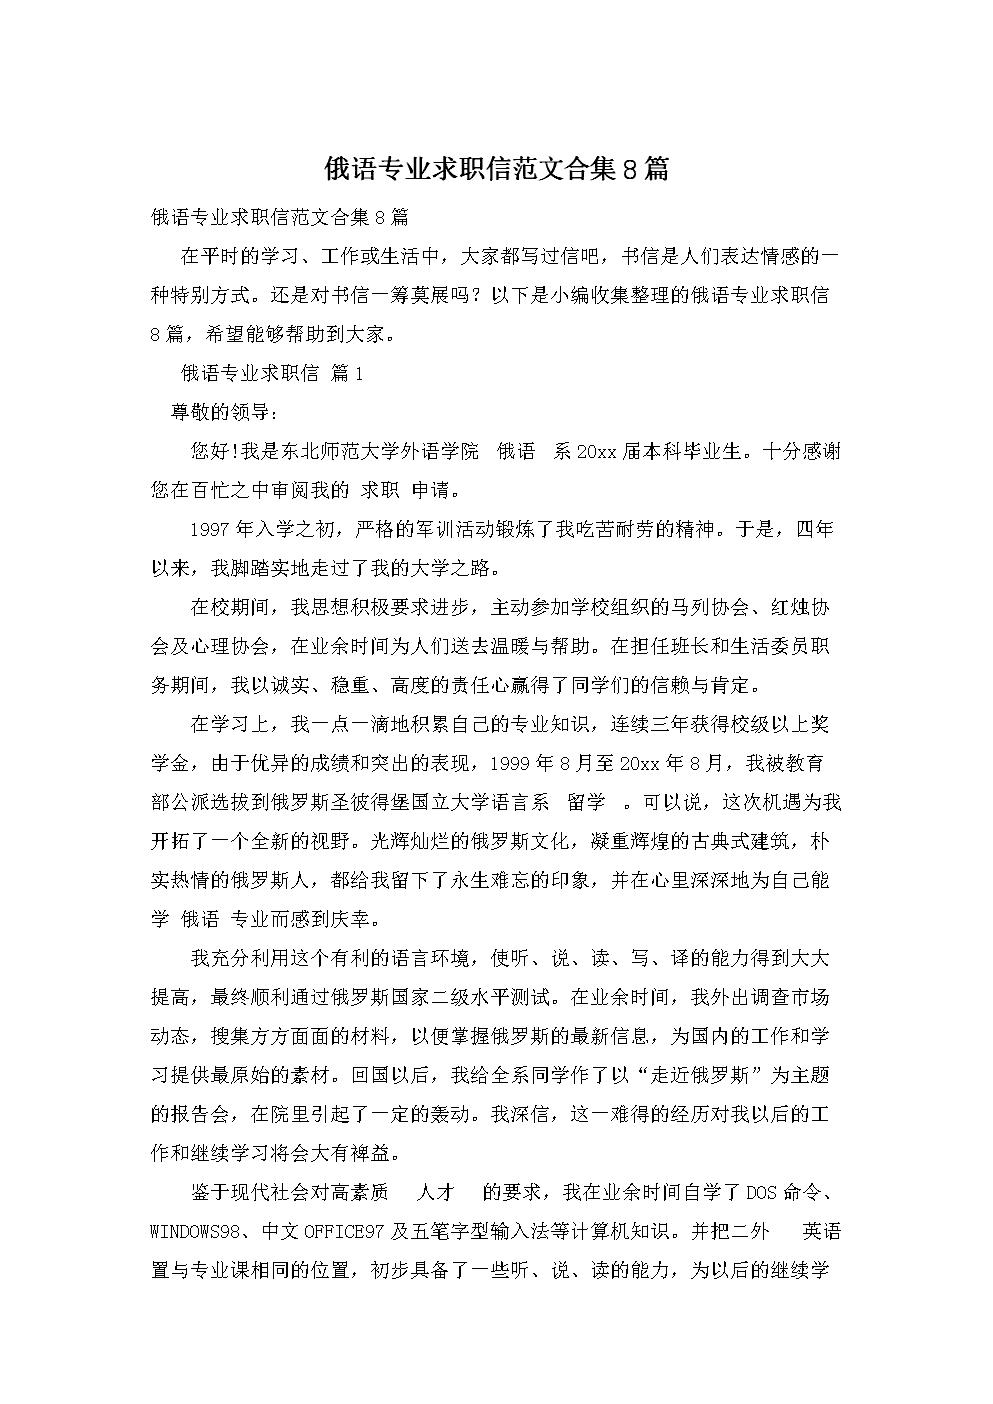 俄语专业求职信范文合集8篇.doc